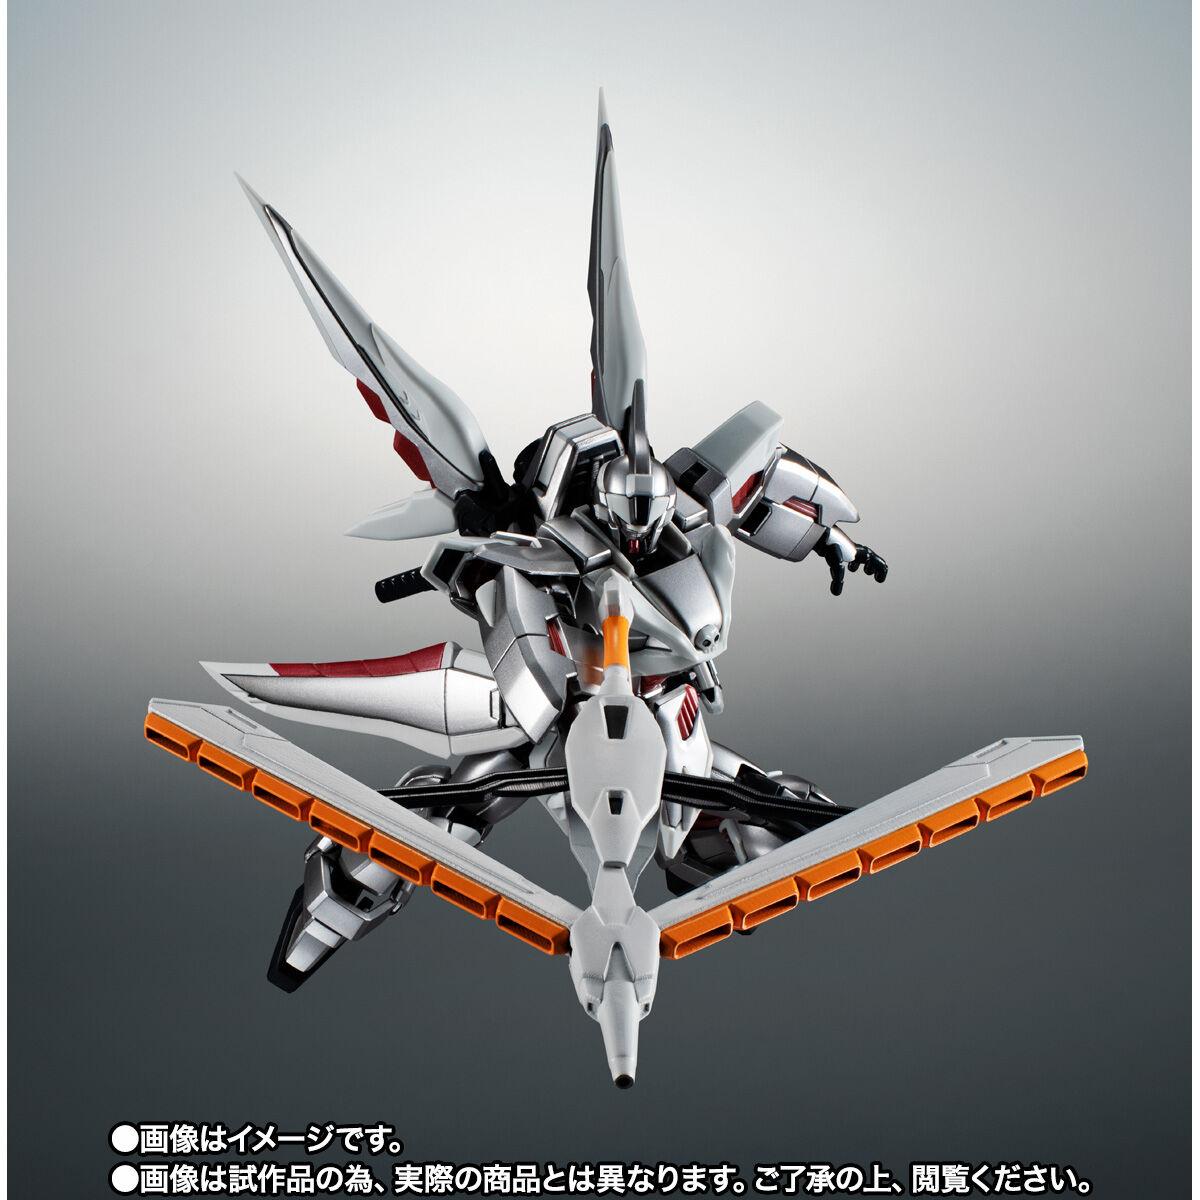 【限定販売】ROBOT魂〈SIDE MS〉『ゴーストガンダム』クロスボーン・ガンダム 可動フィギュア-008